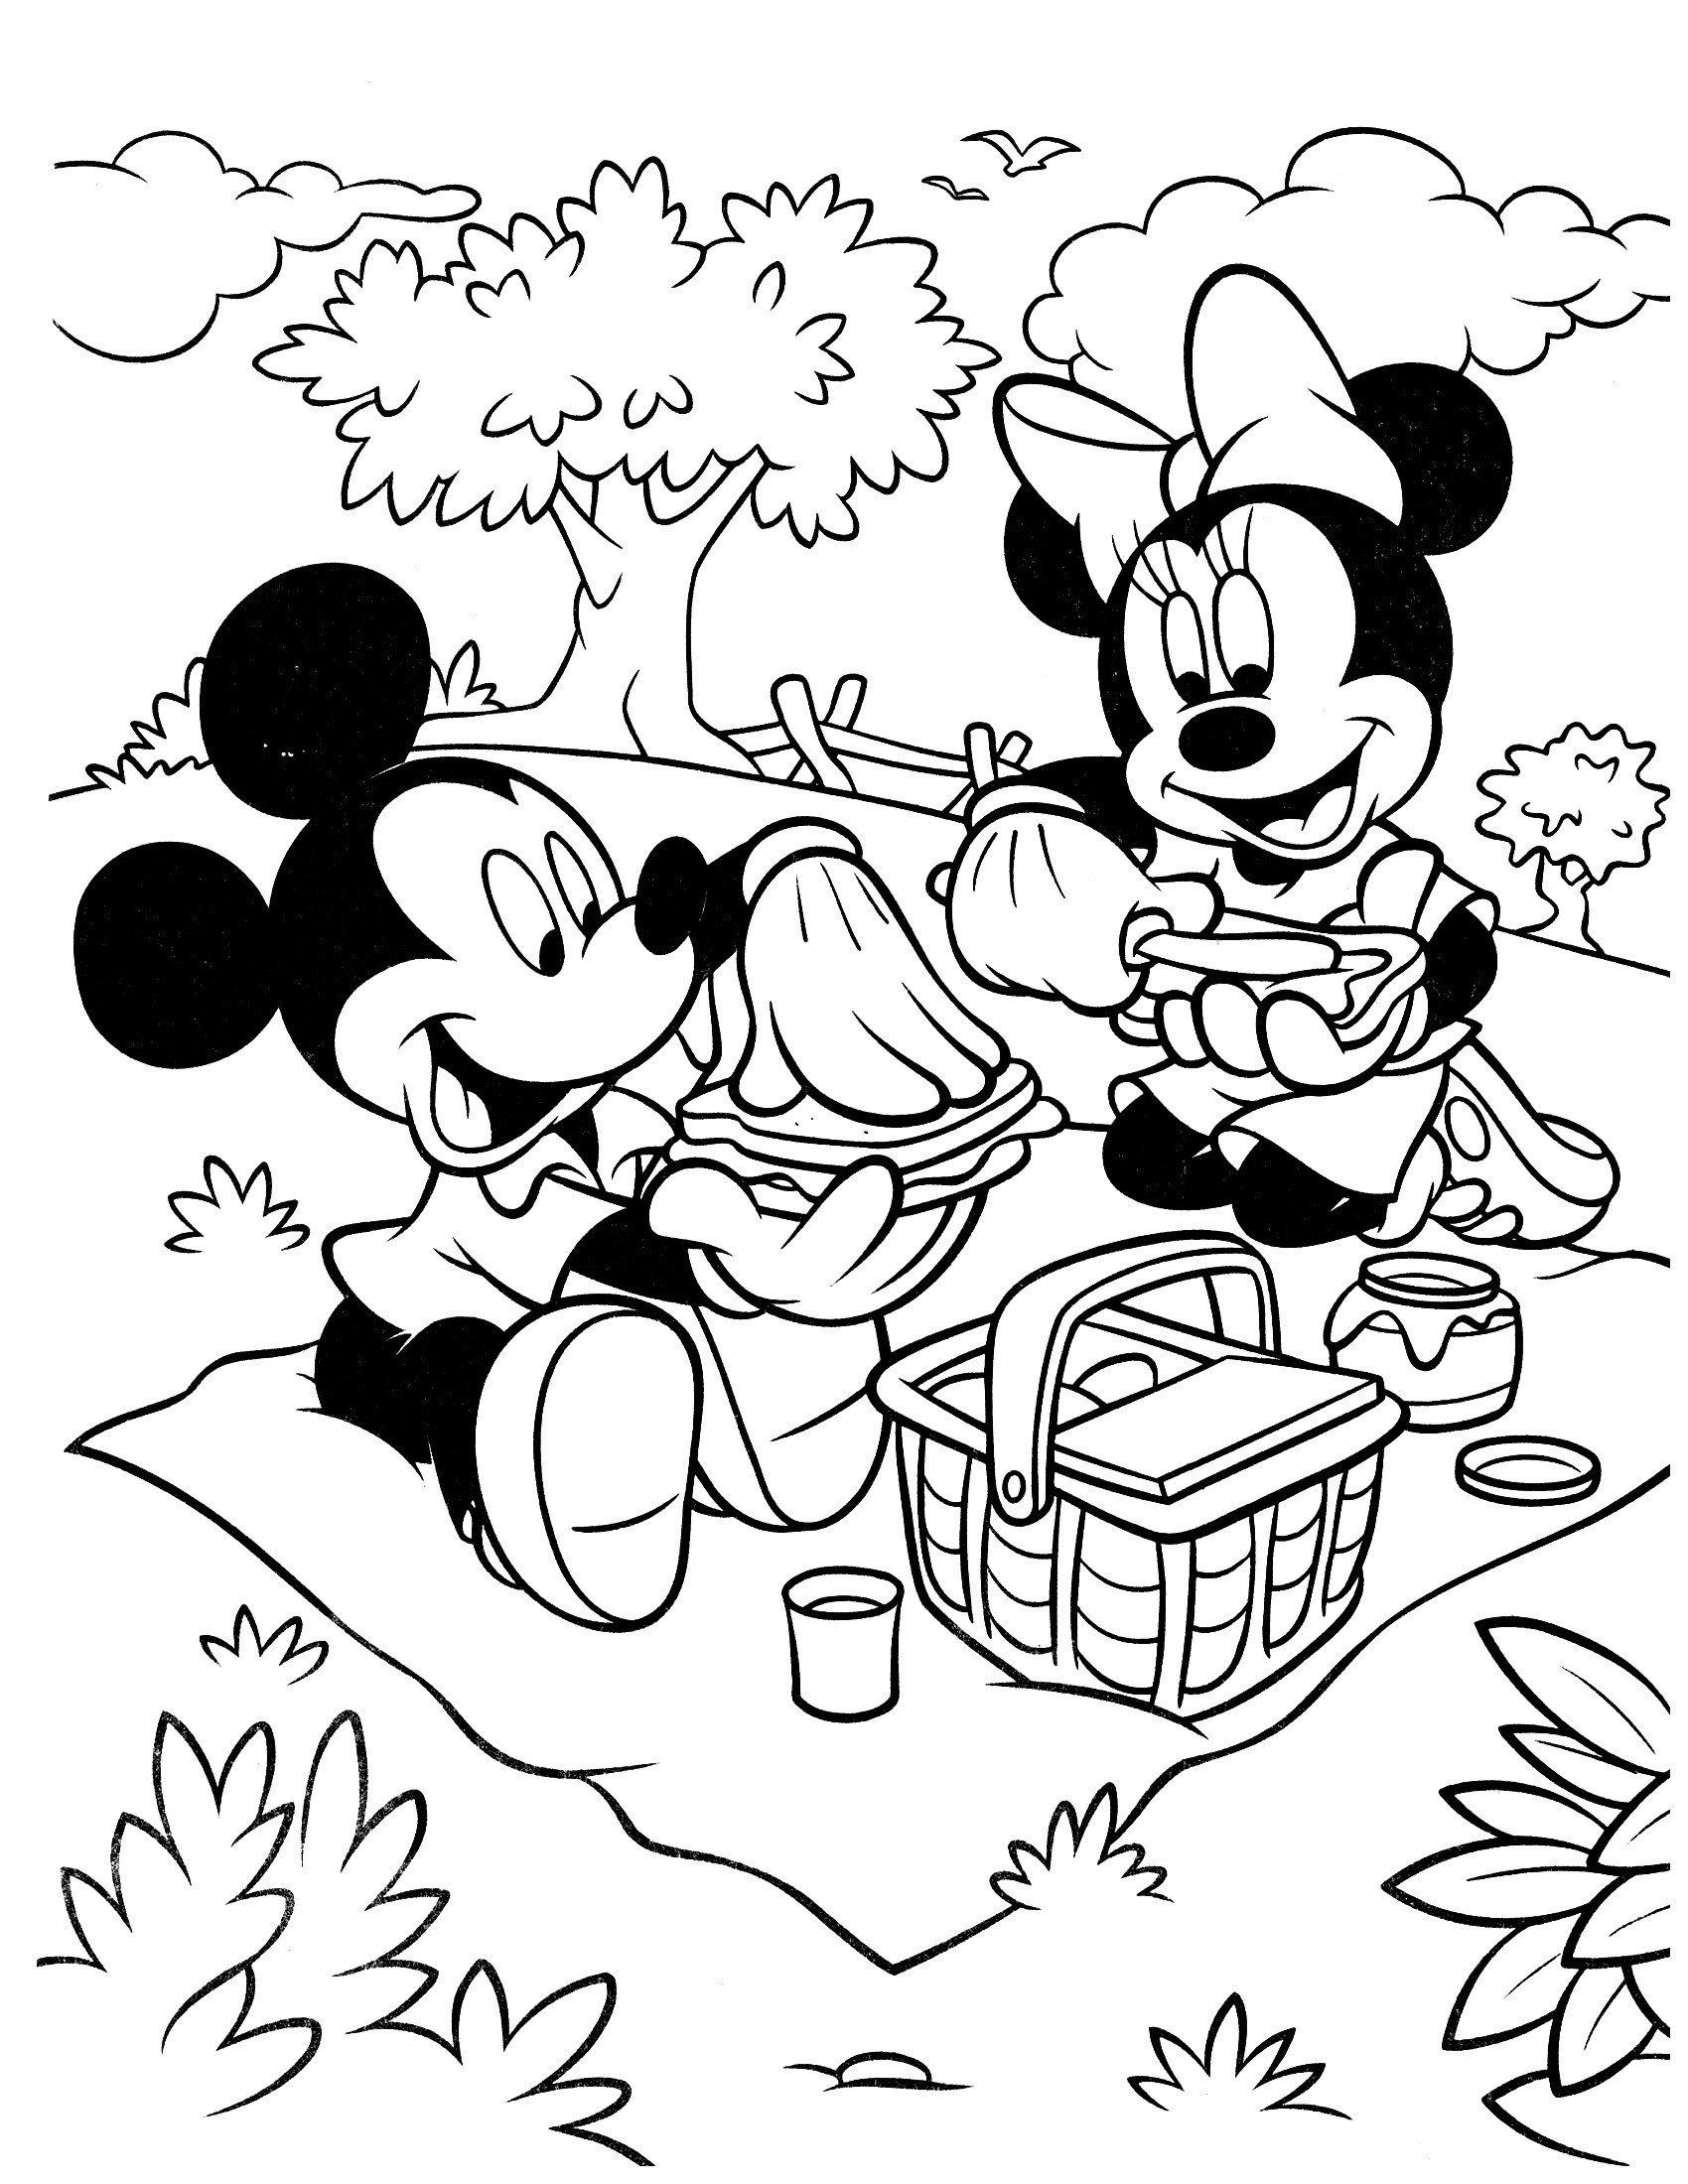 Микки и Минни на пикнике - Картинка для раскрашивания красками-гуашью